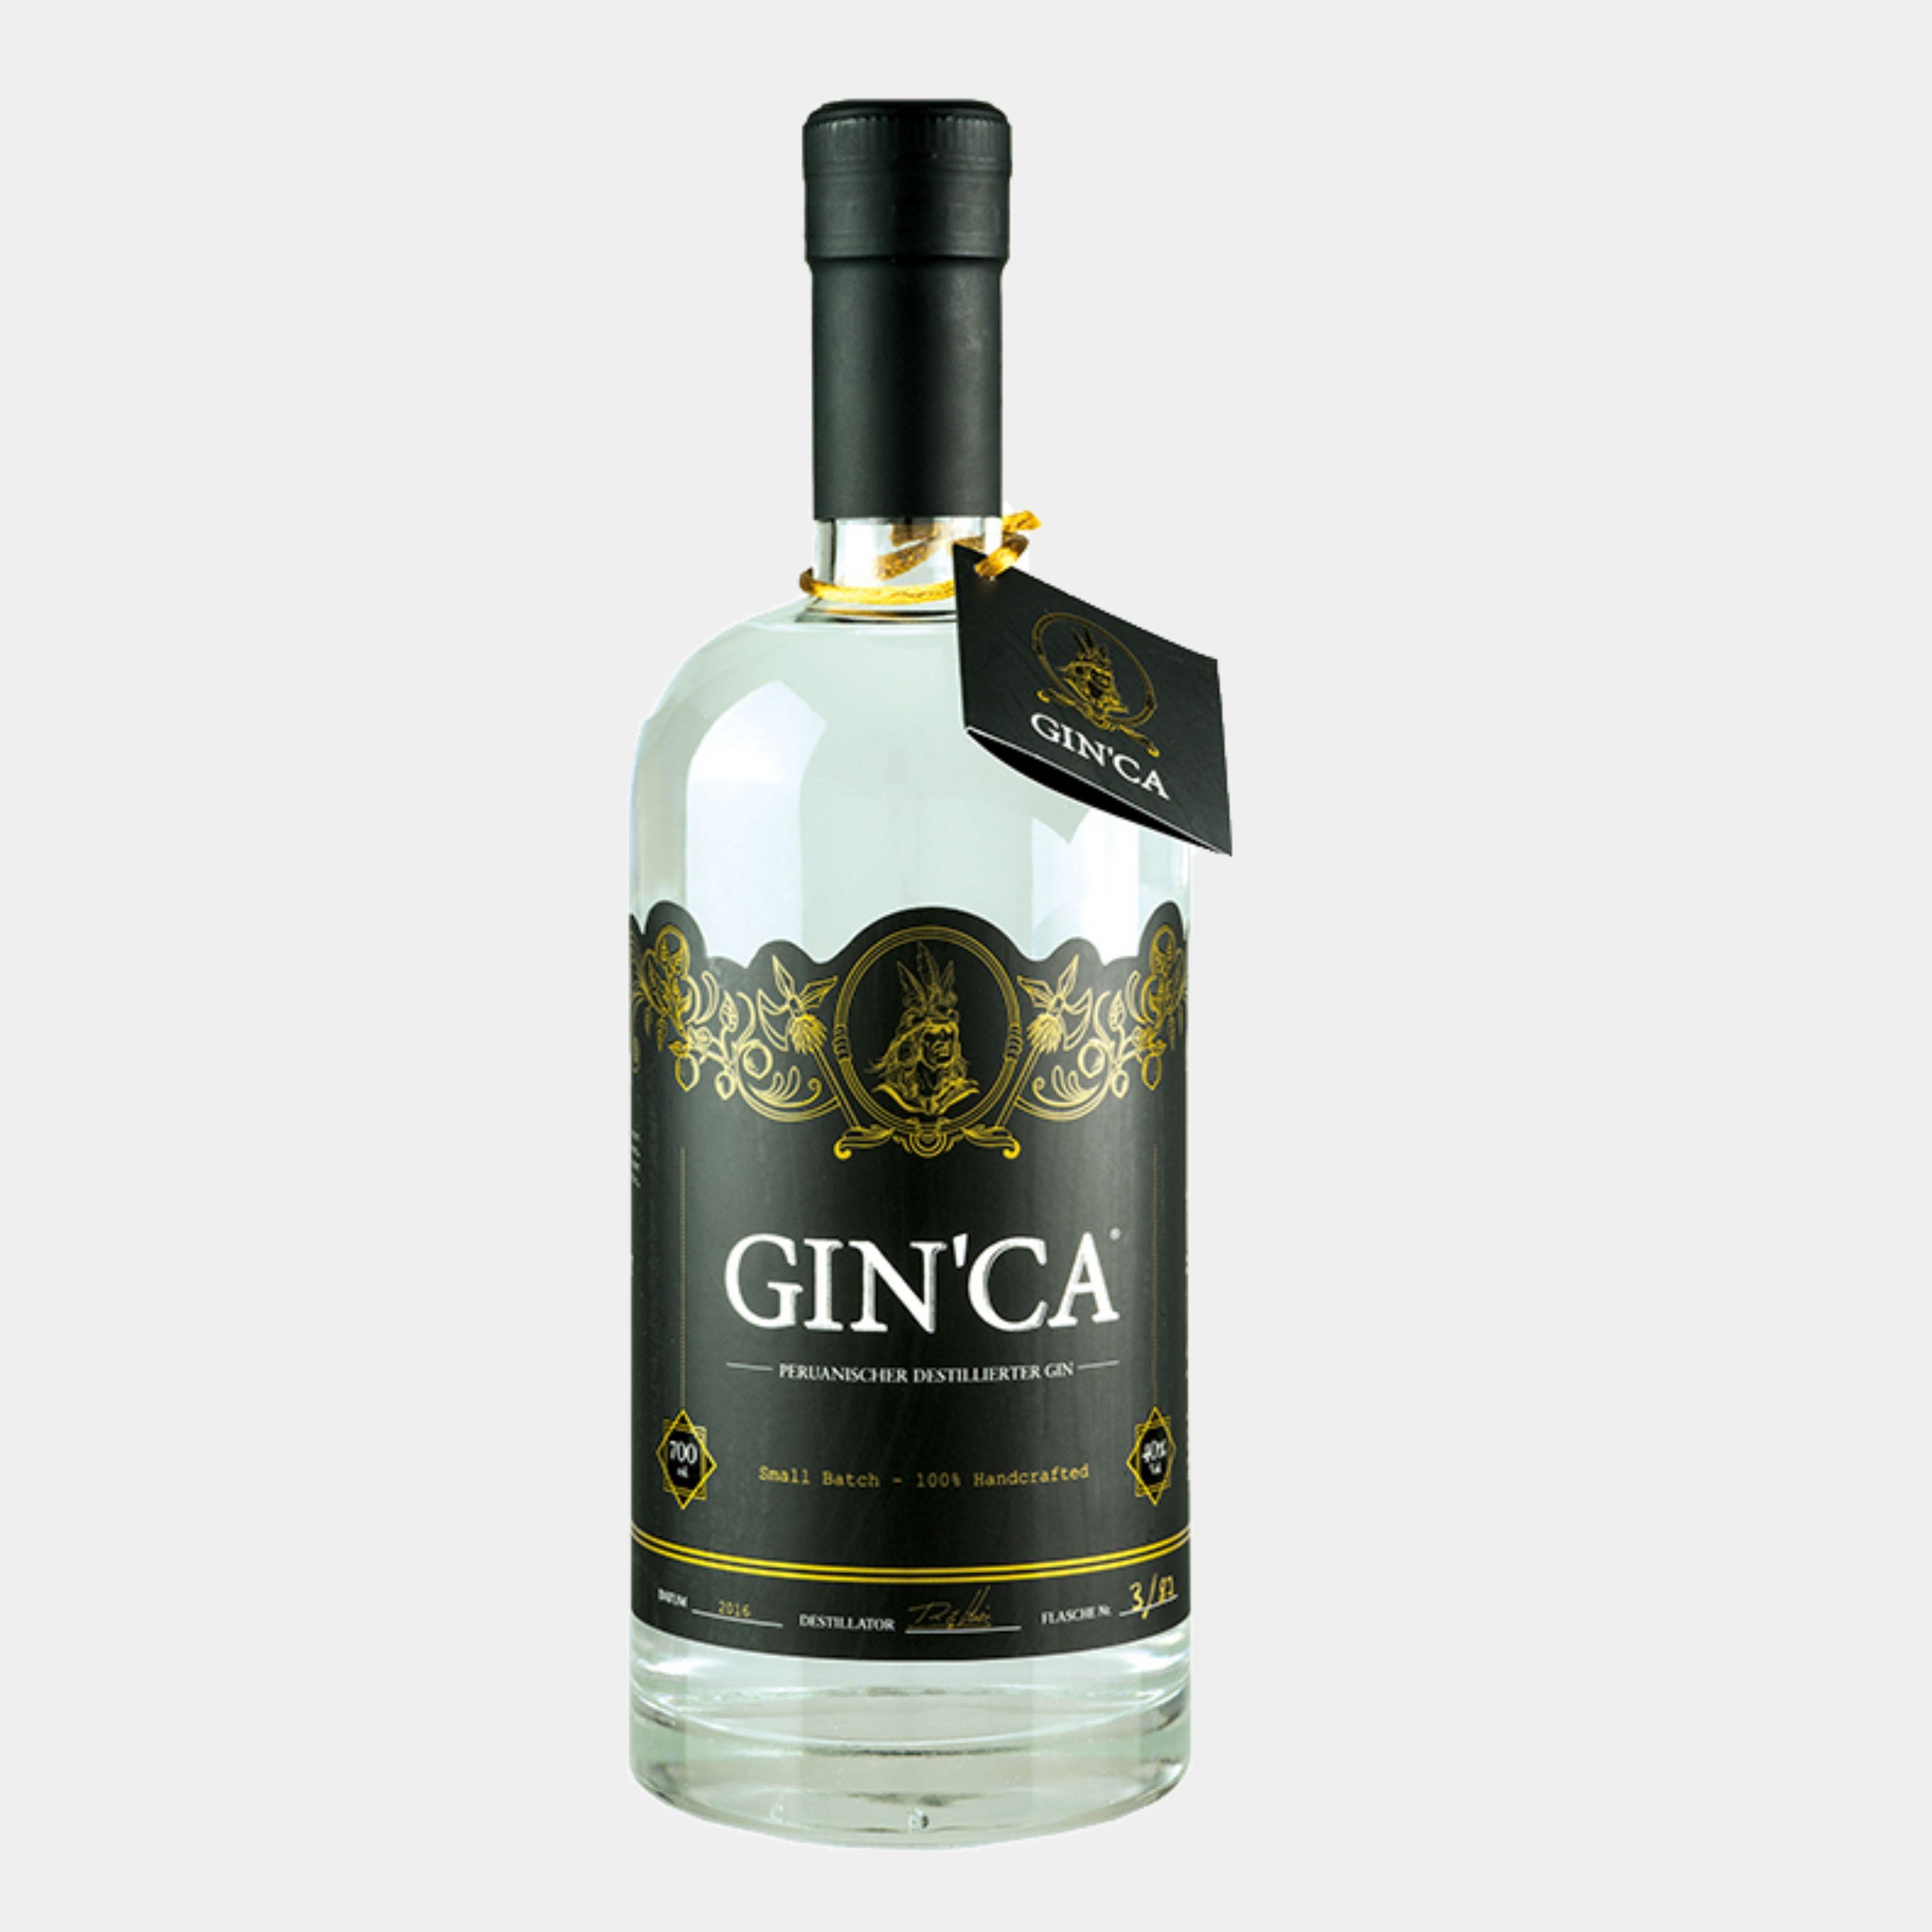 GinCa Gin 0.7l 40% Alk.